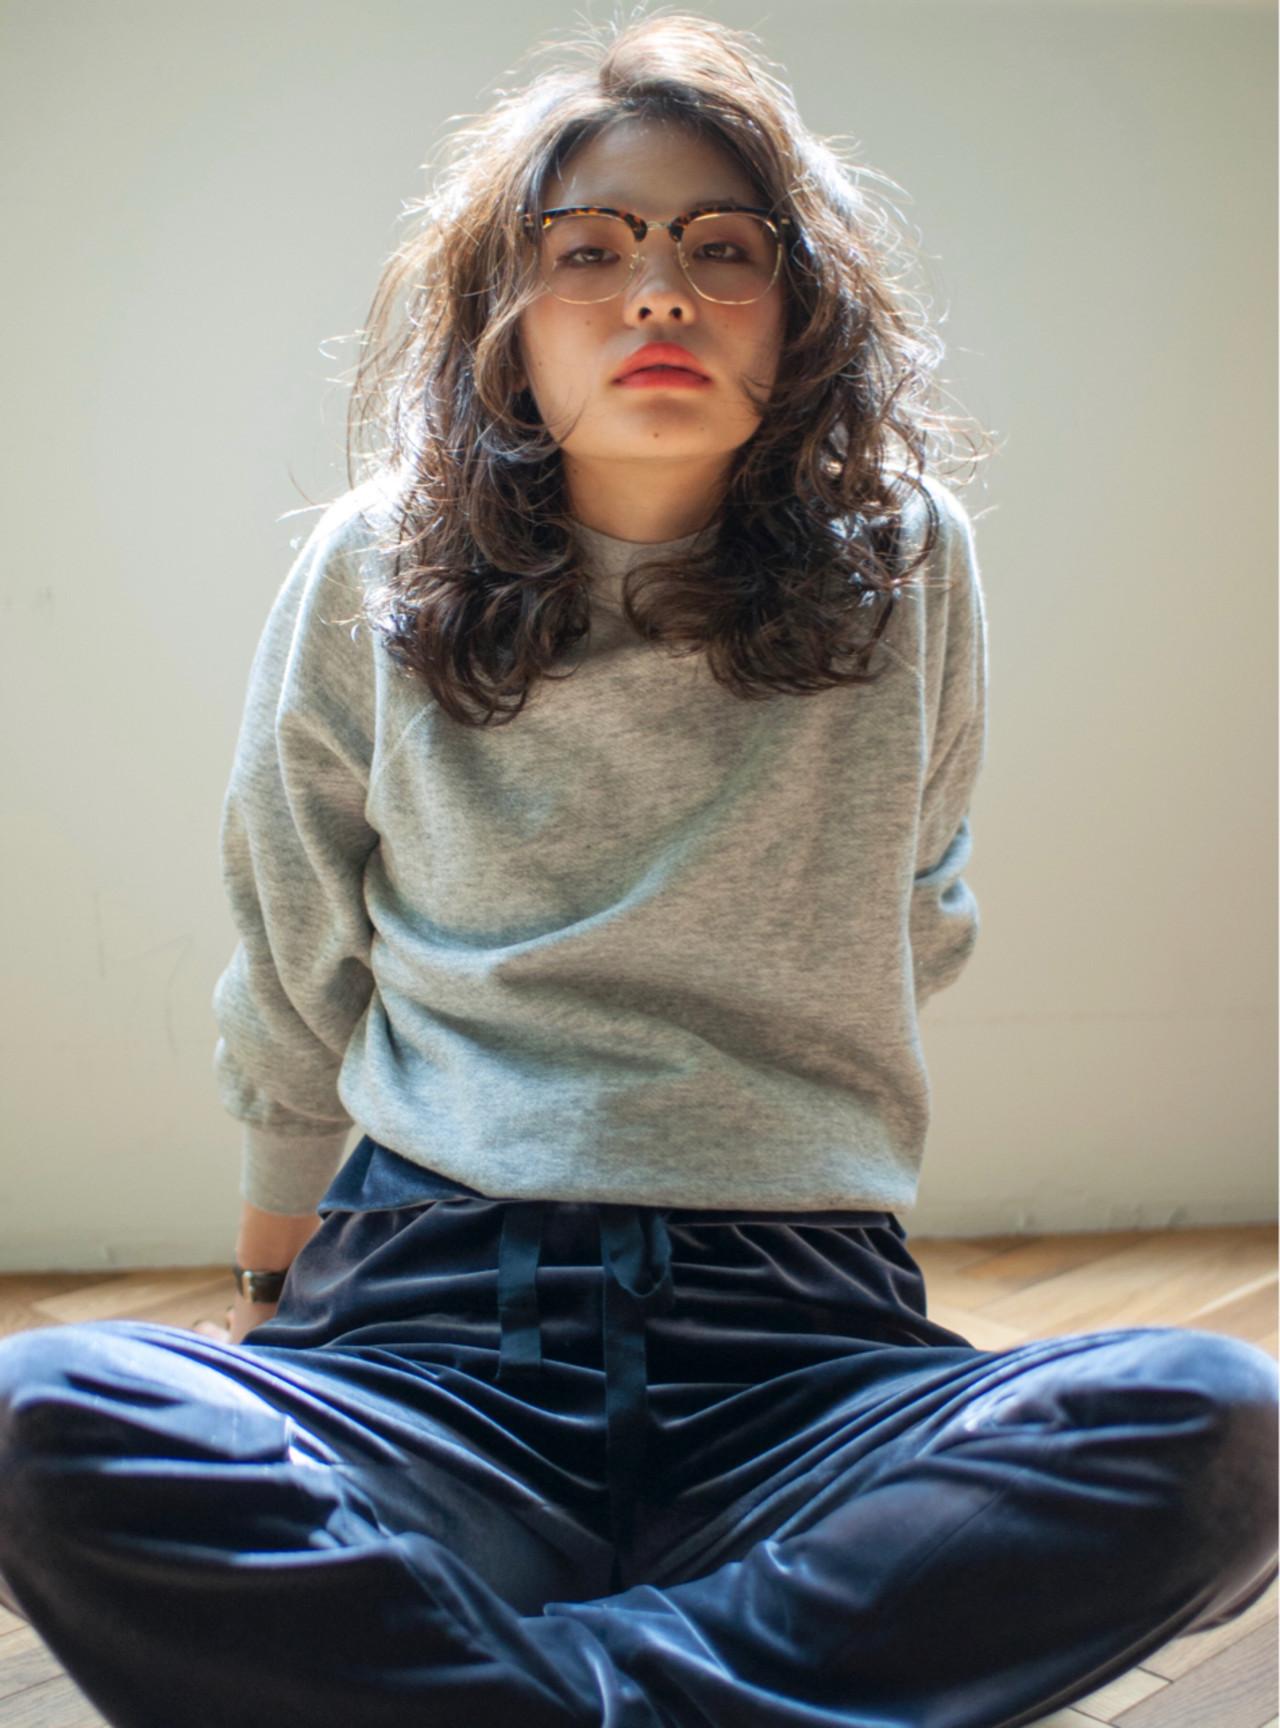 外国人のようなふわふわが魅力なソバージュ YUKINA